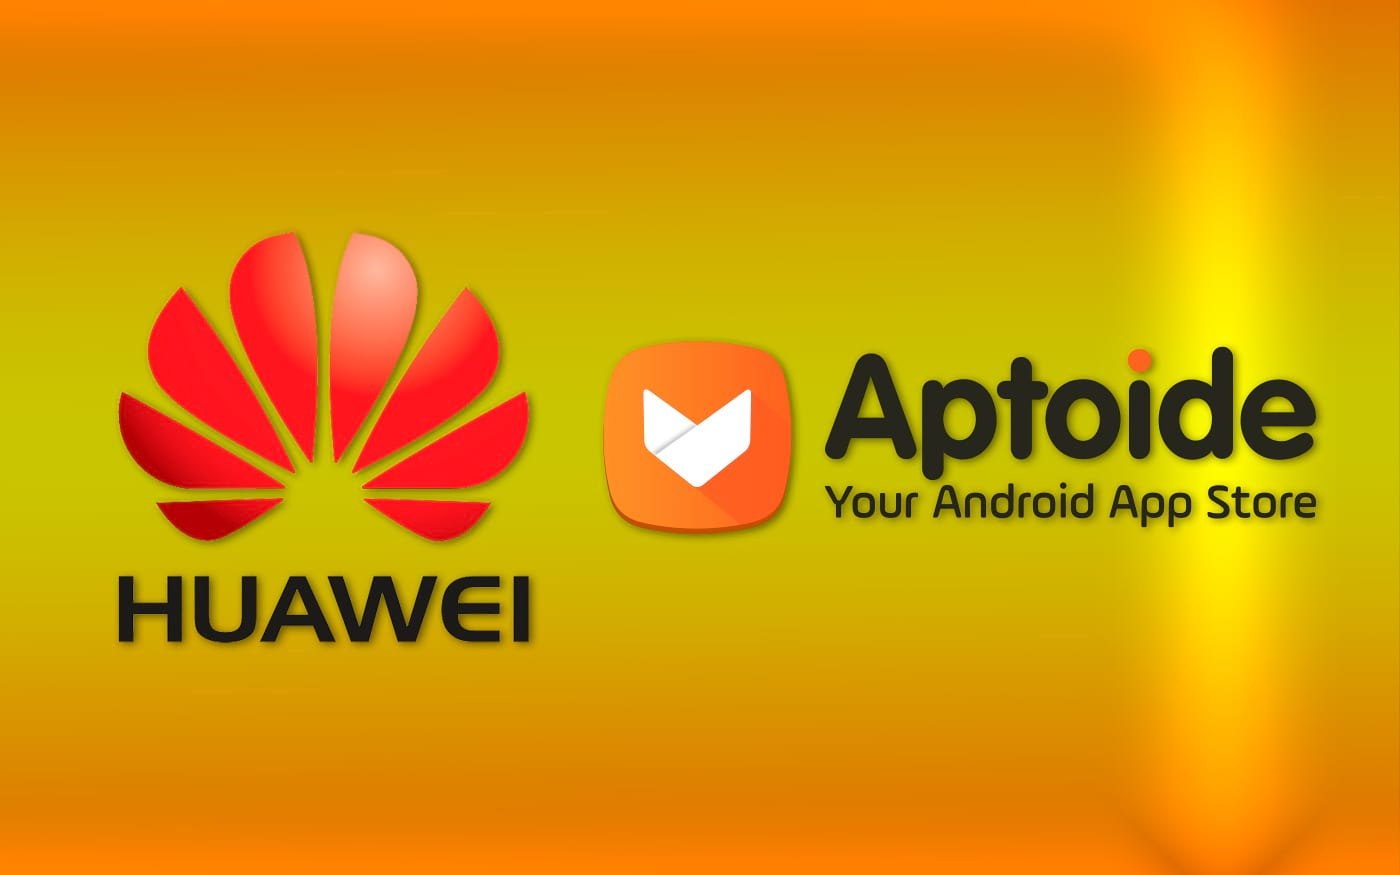 Huawei negocia com a loja de aplicativos Aptoide para substituir o Google Play Store